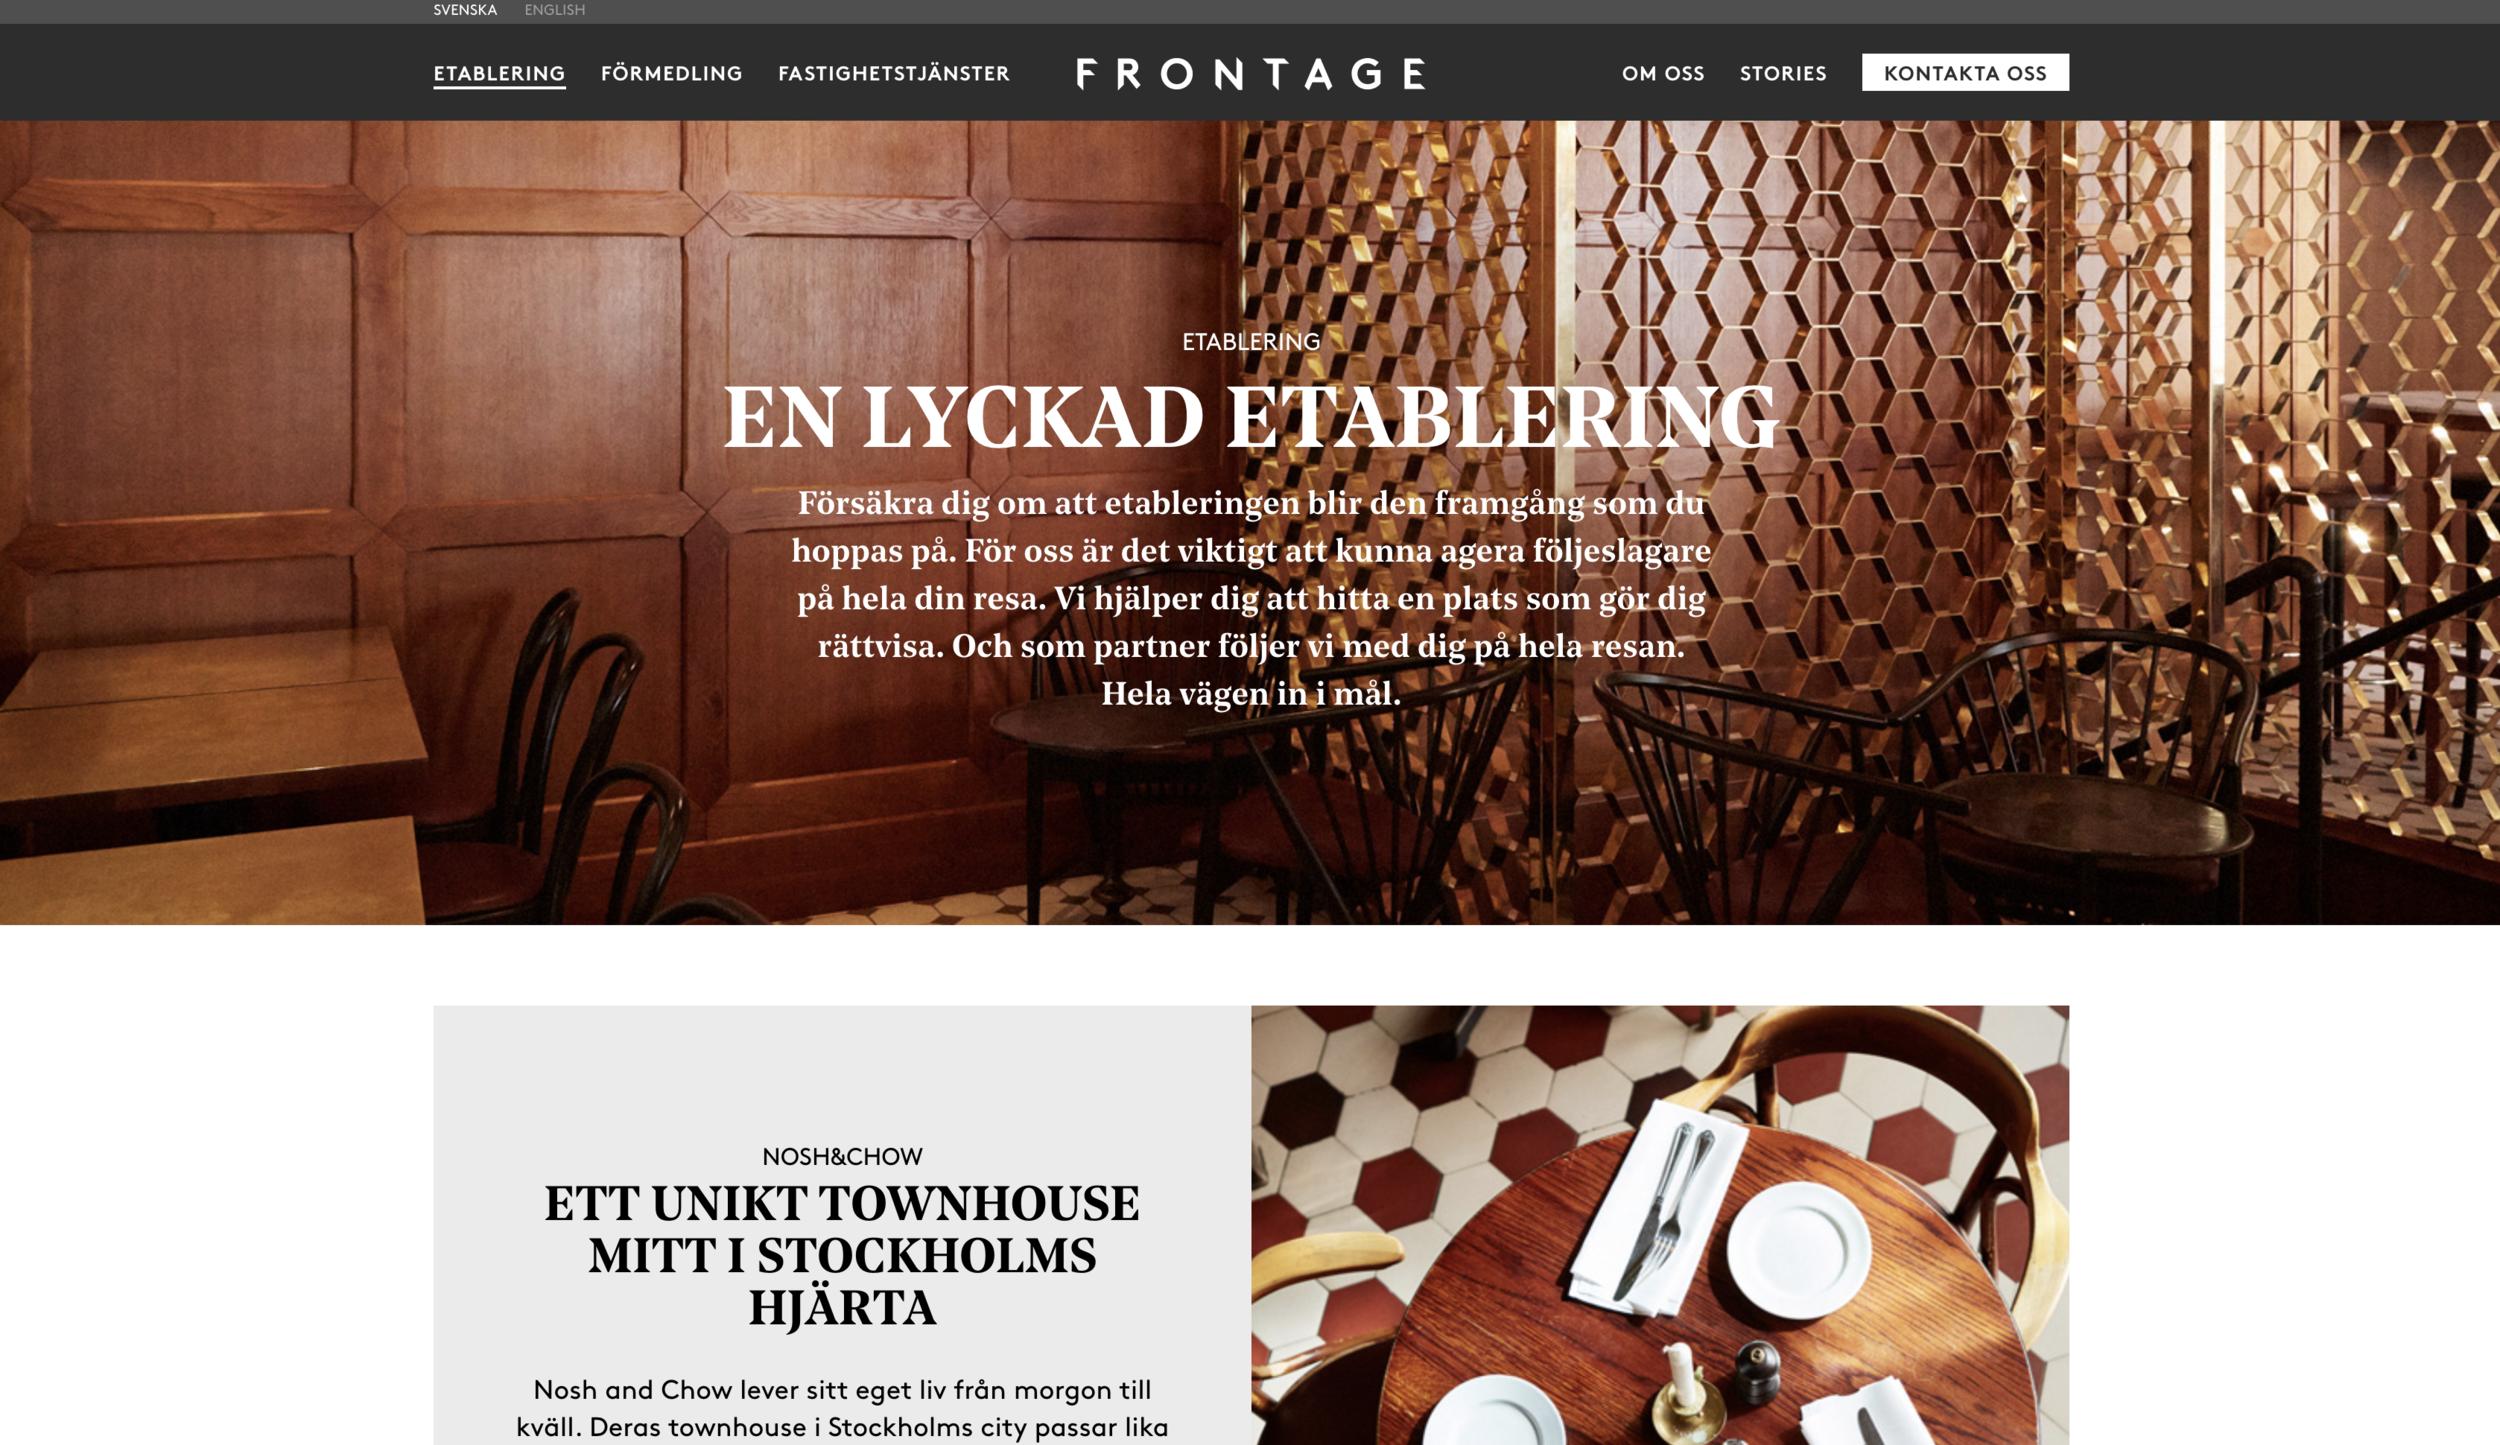 Frontage etablering.png